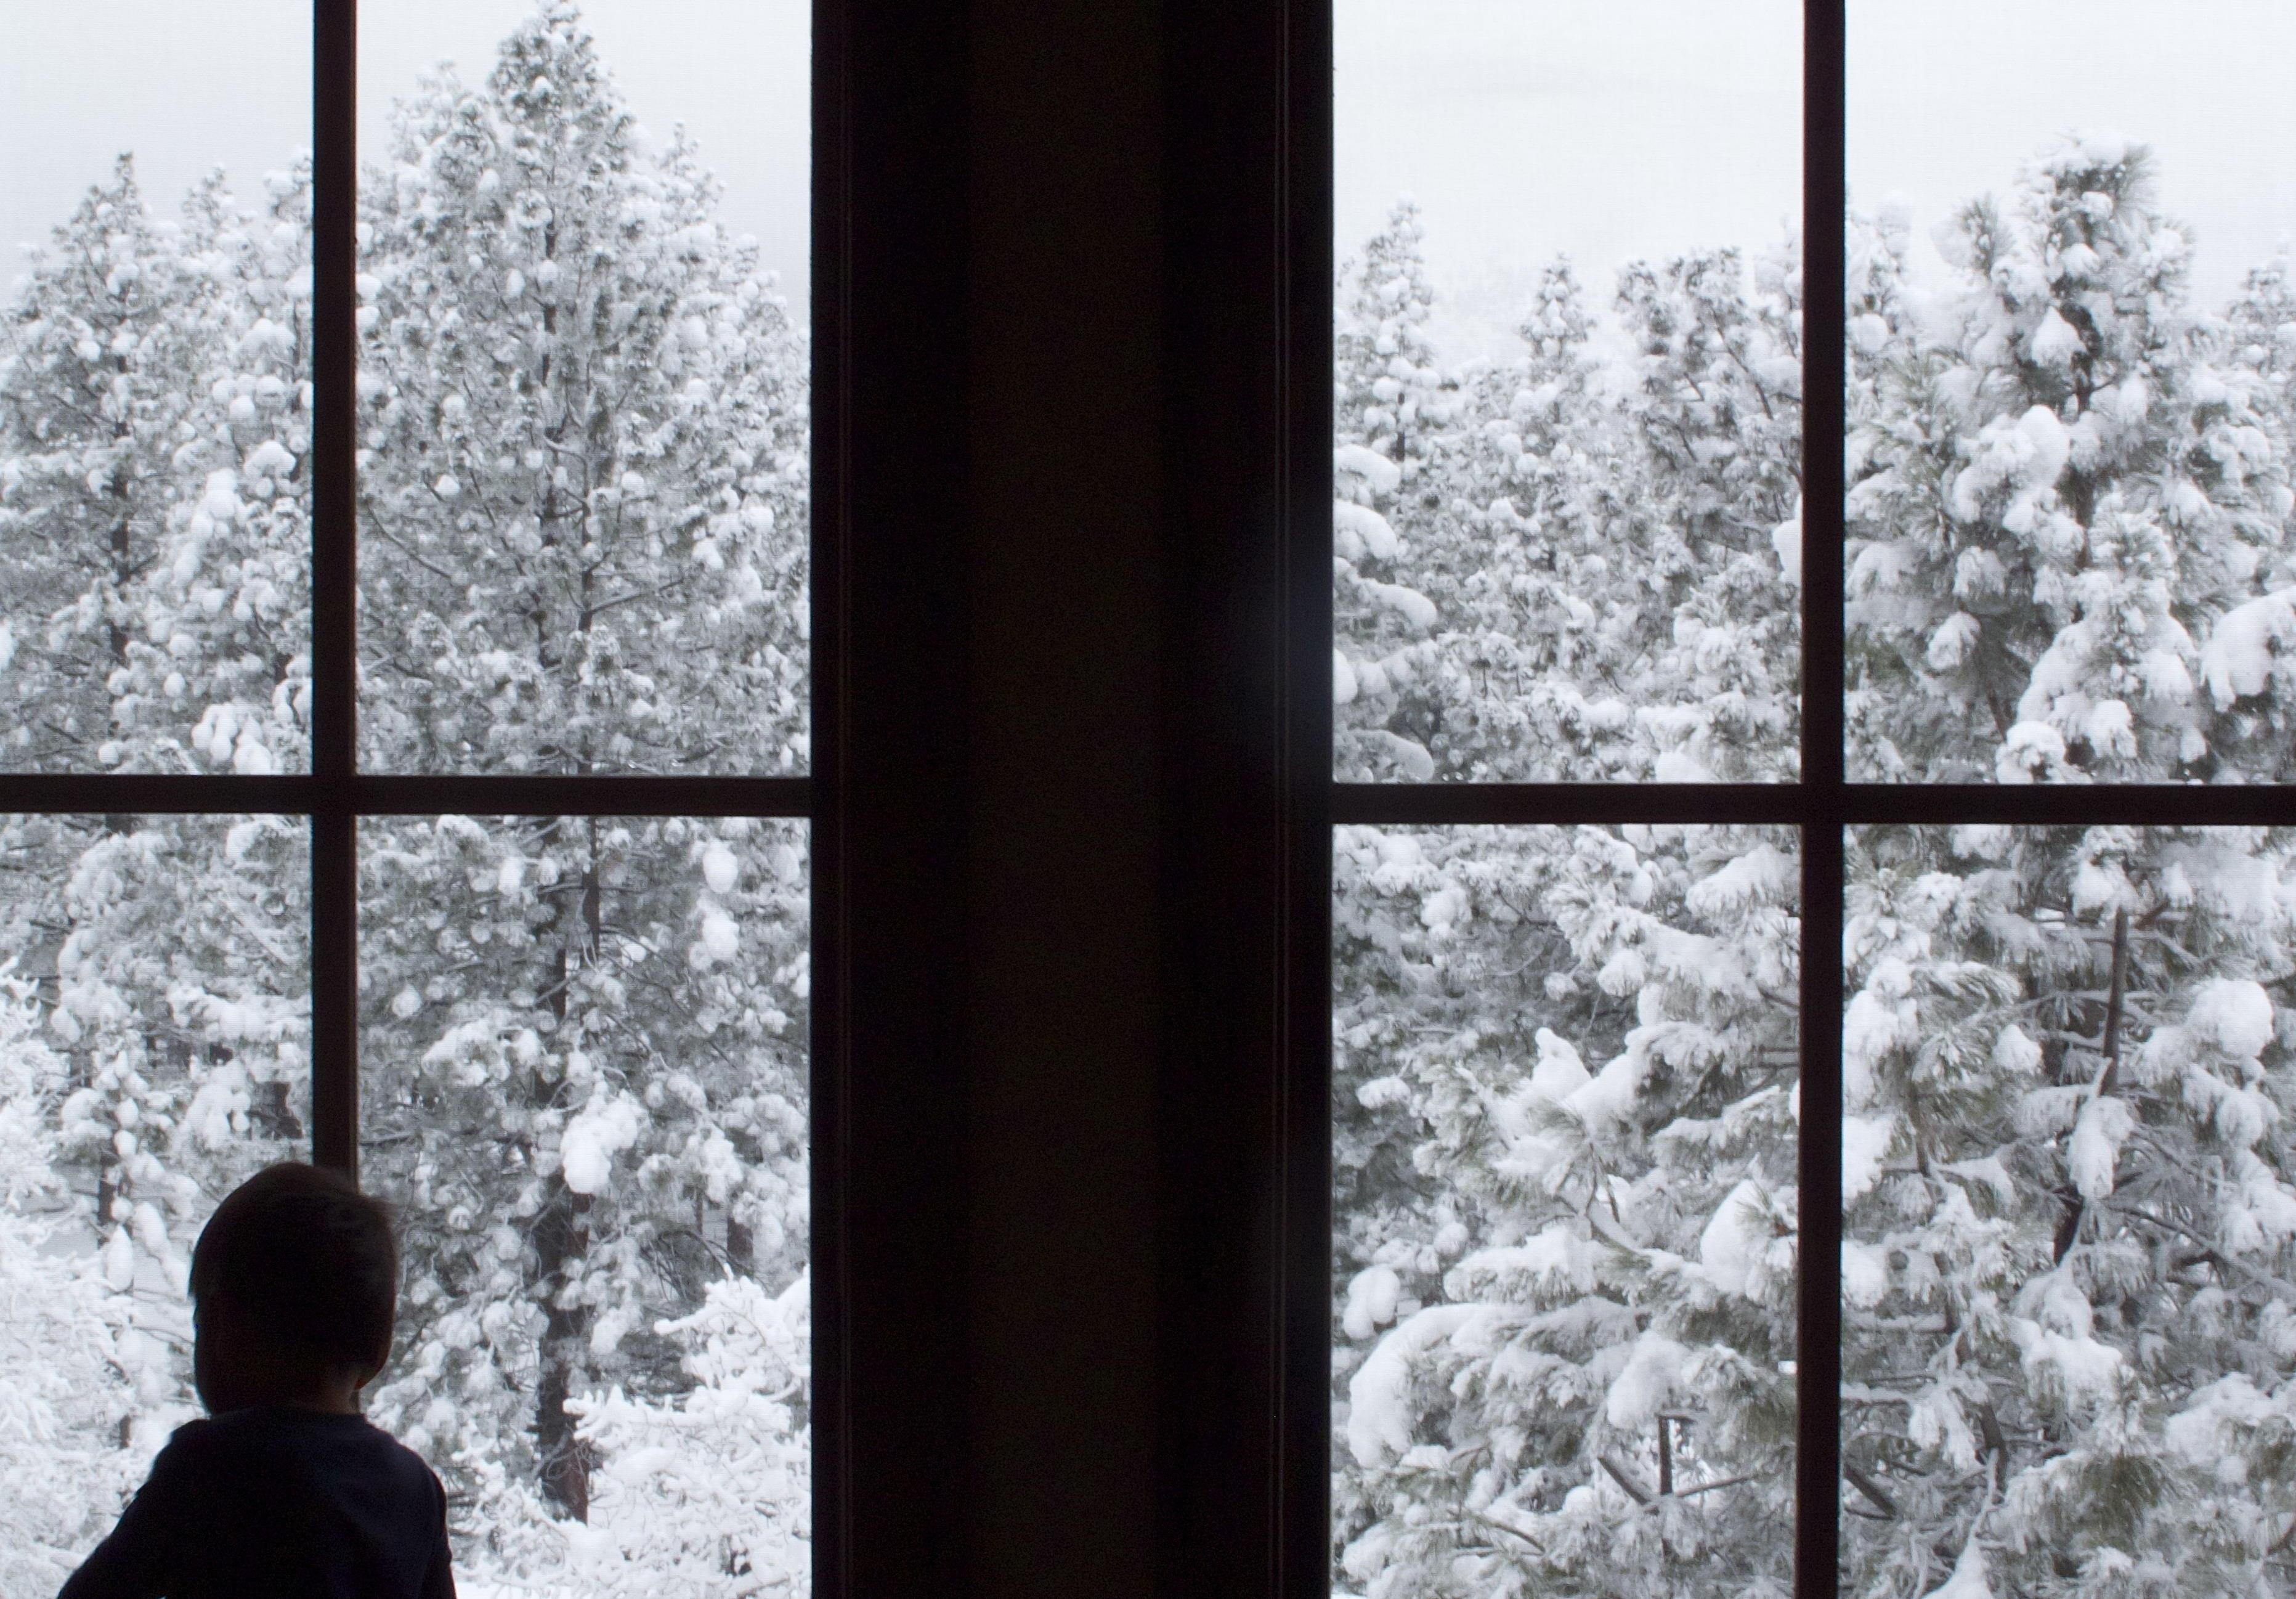 усилить картинки на тему за окном зима многих домов достигает